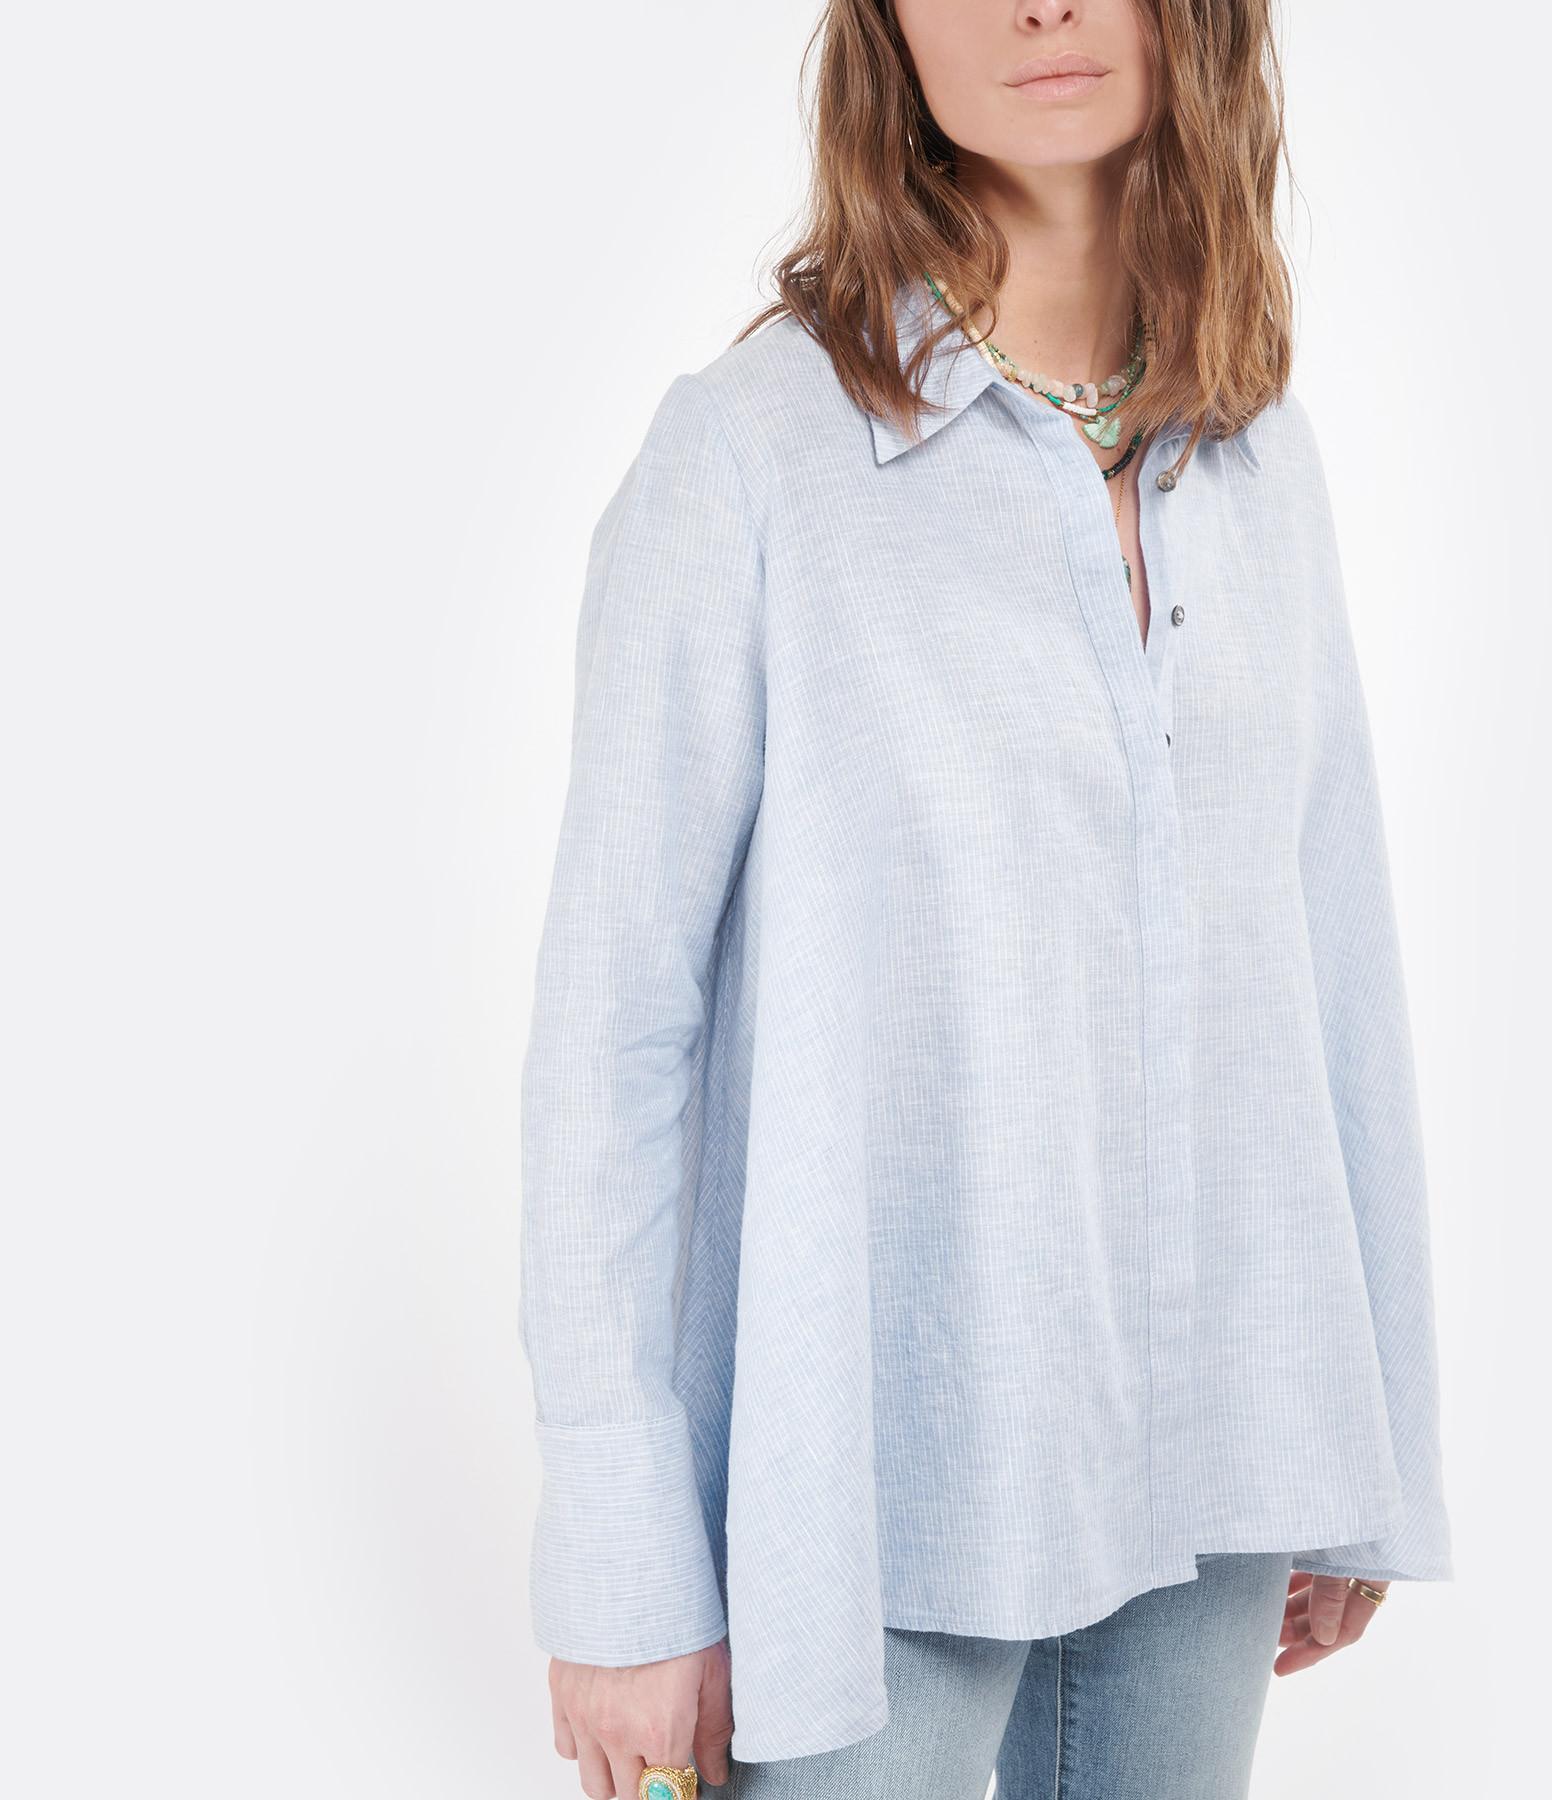 HANA SAN - Chemise Adriana Bleu